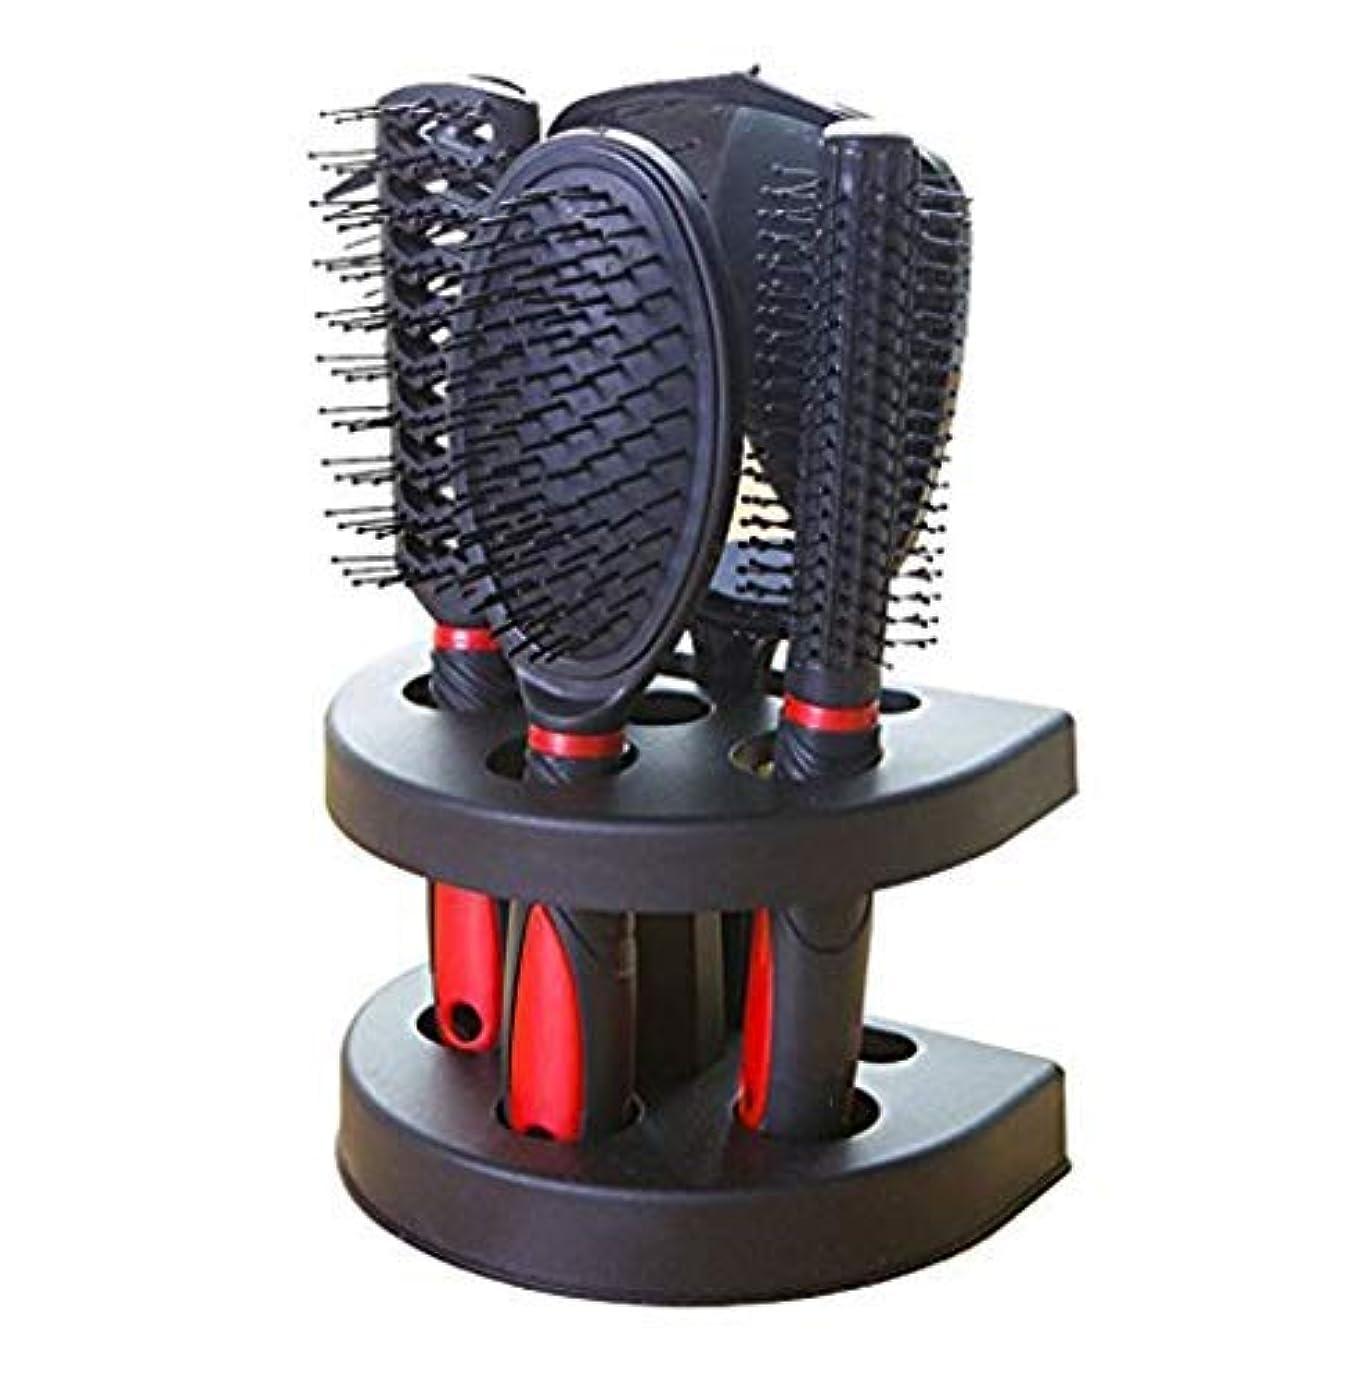 アナロジー伝統カウントアップHealthcom Hairs Combs Salon Hairdressing Styling Tool Hair Cutting Brushes Sets Dressing Comb Kits,Set of 5 [並行輸入品]